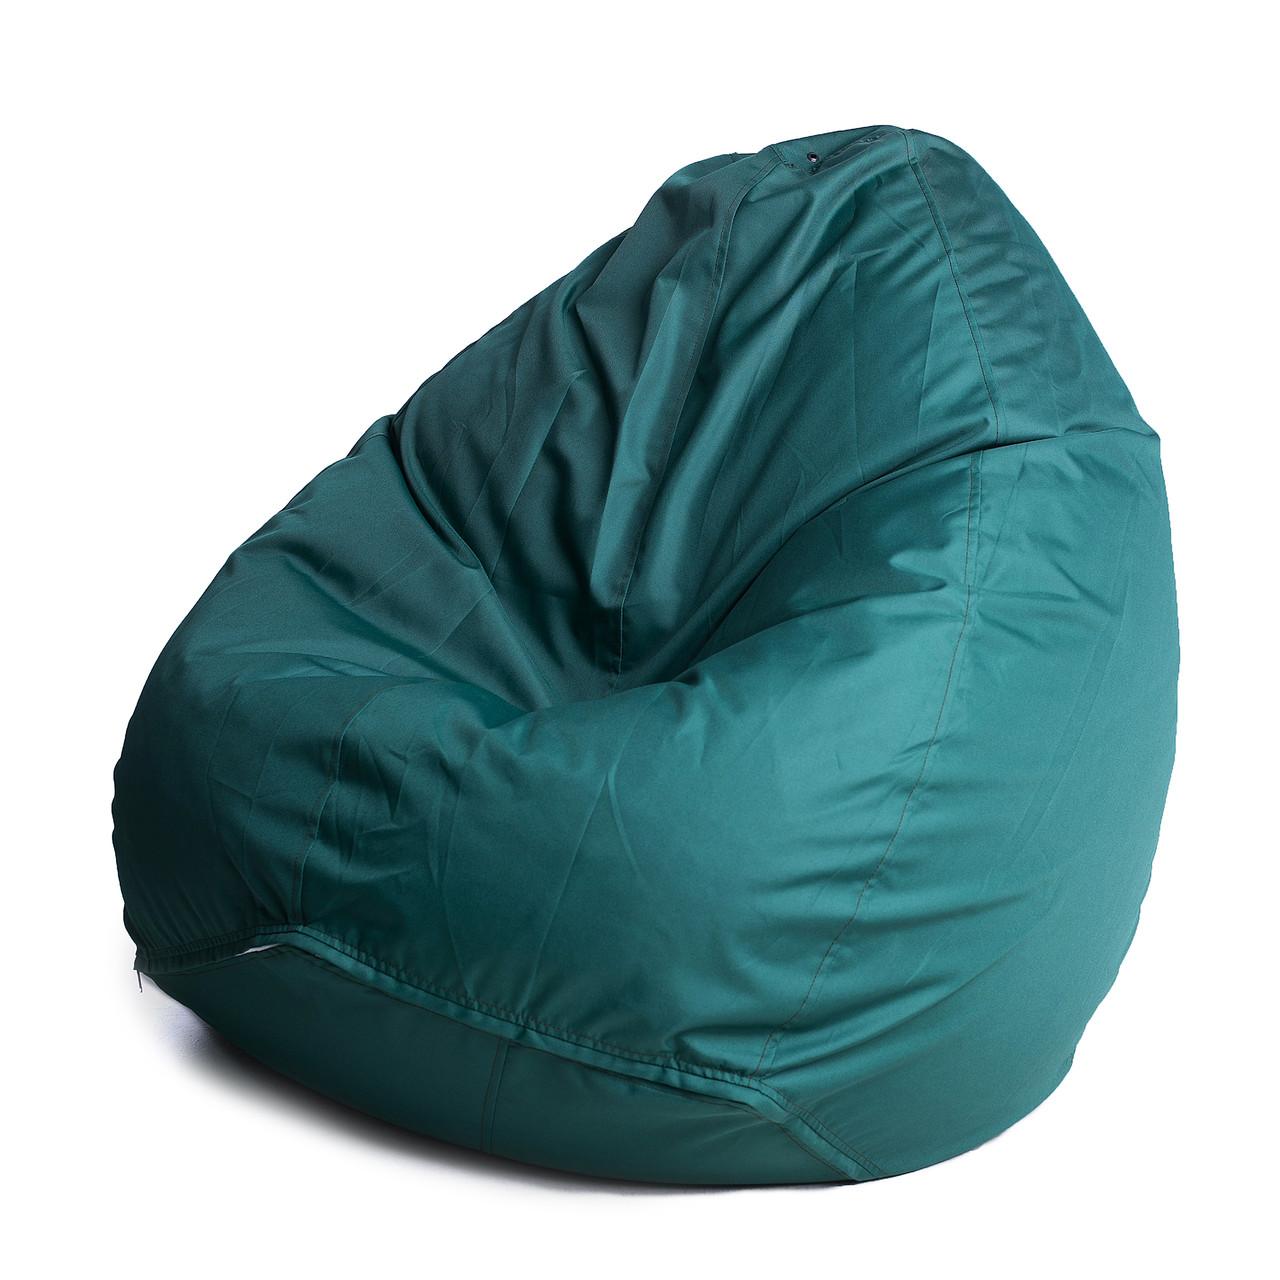 Кресло мешок груша | ткань Oxford L, Зеленый